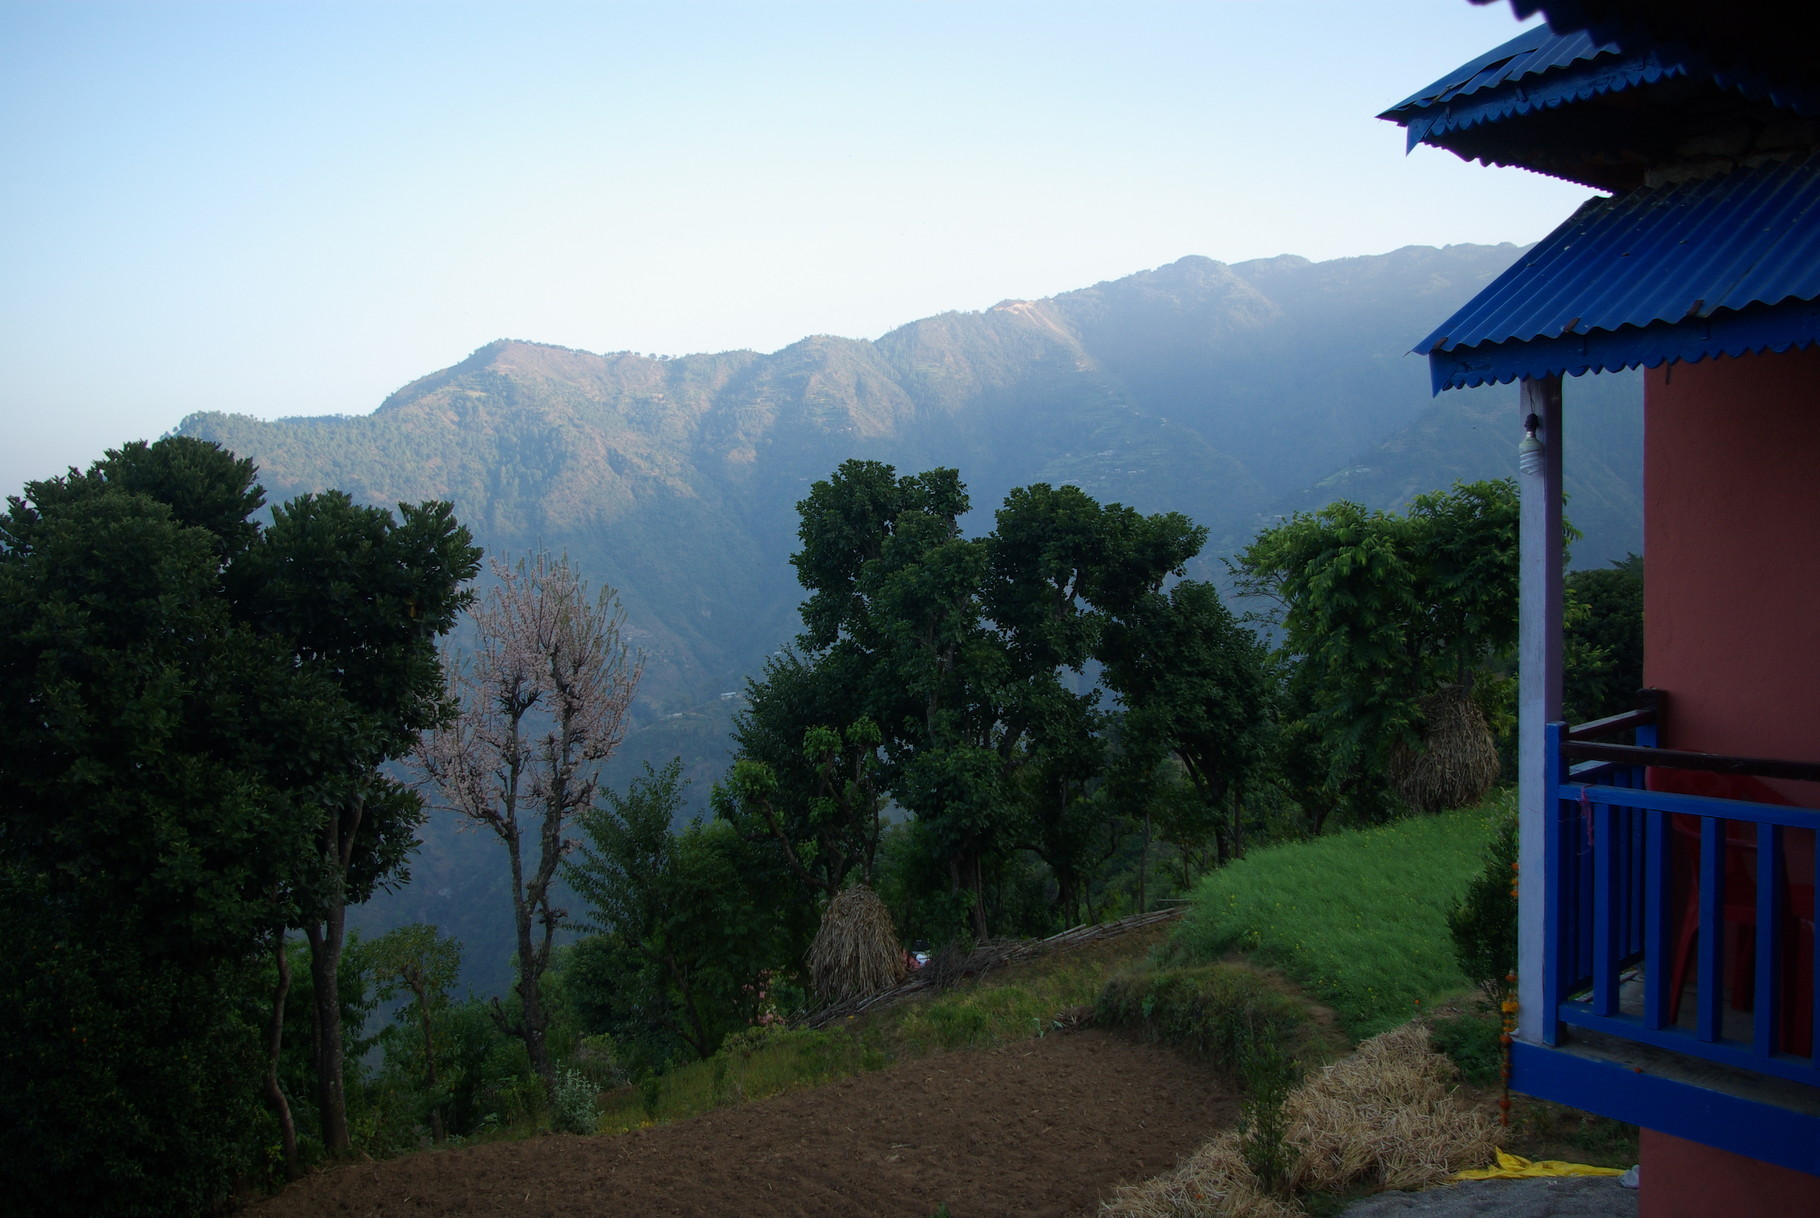 Die gegenüberliegende Mahrbaht-Range gehört auch zur Gemeinde. Dort liegt Shikarpur,das ich noch besuchen werde.